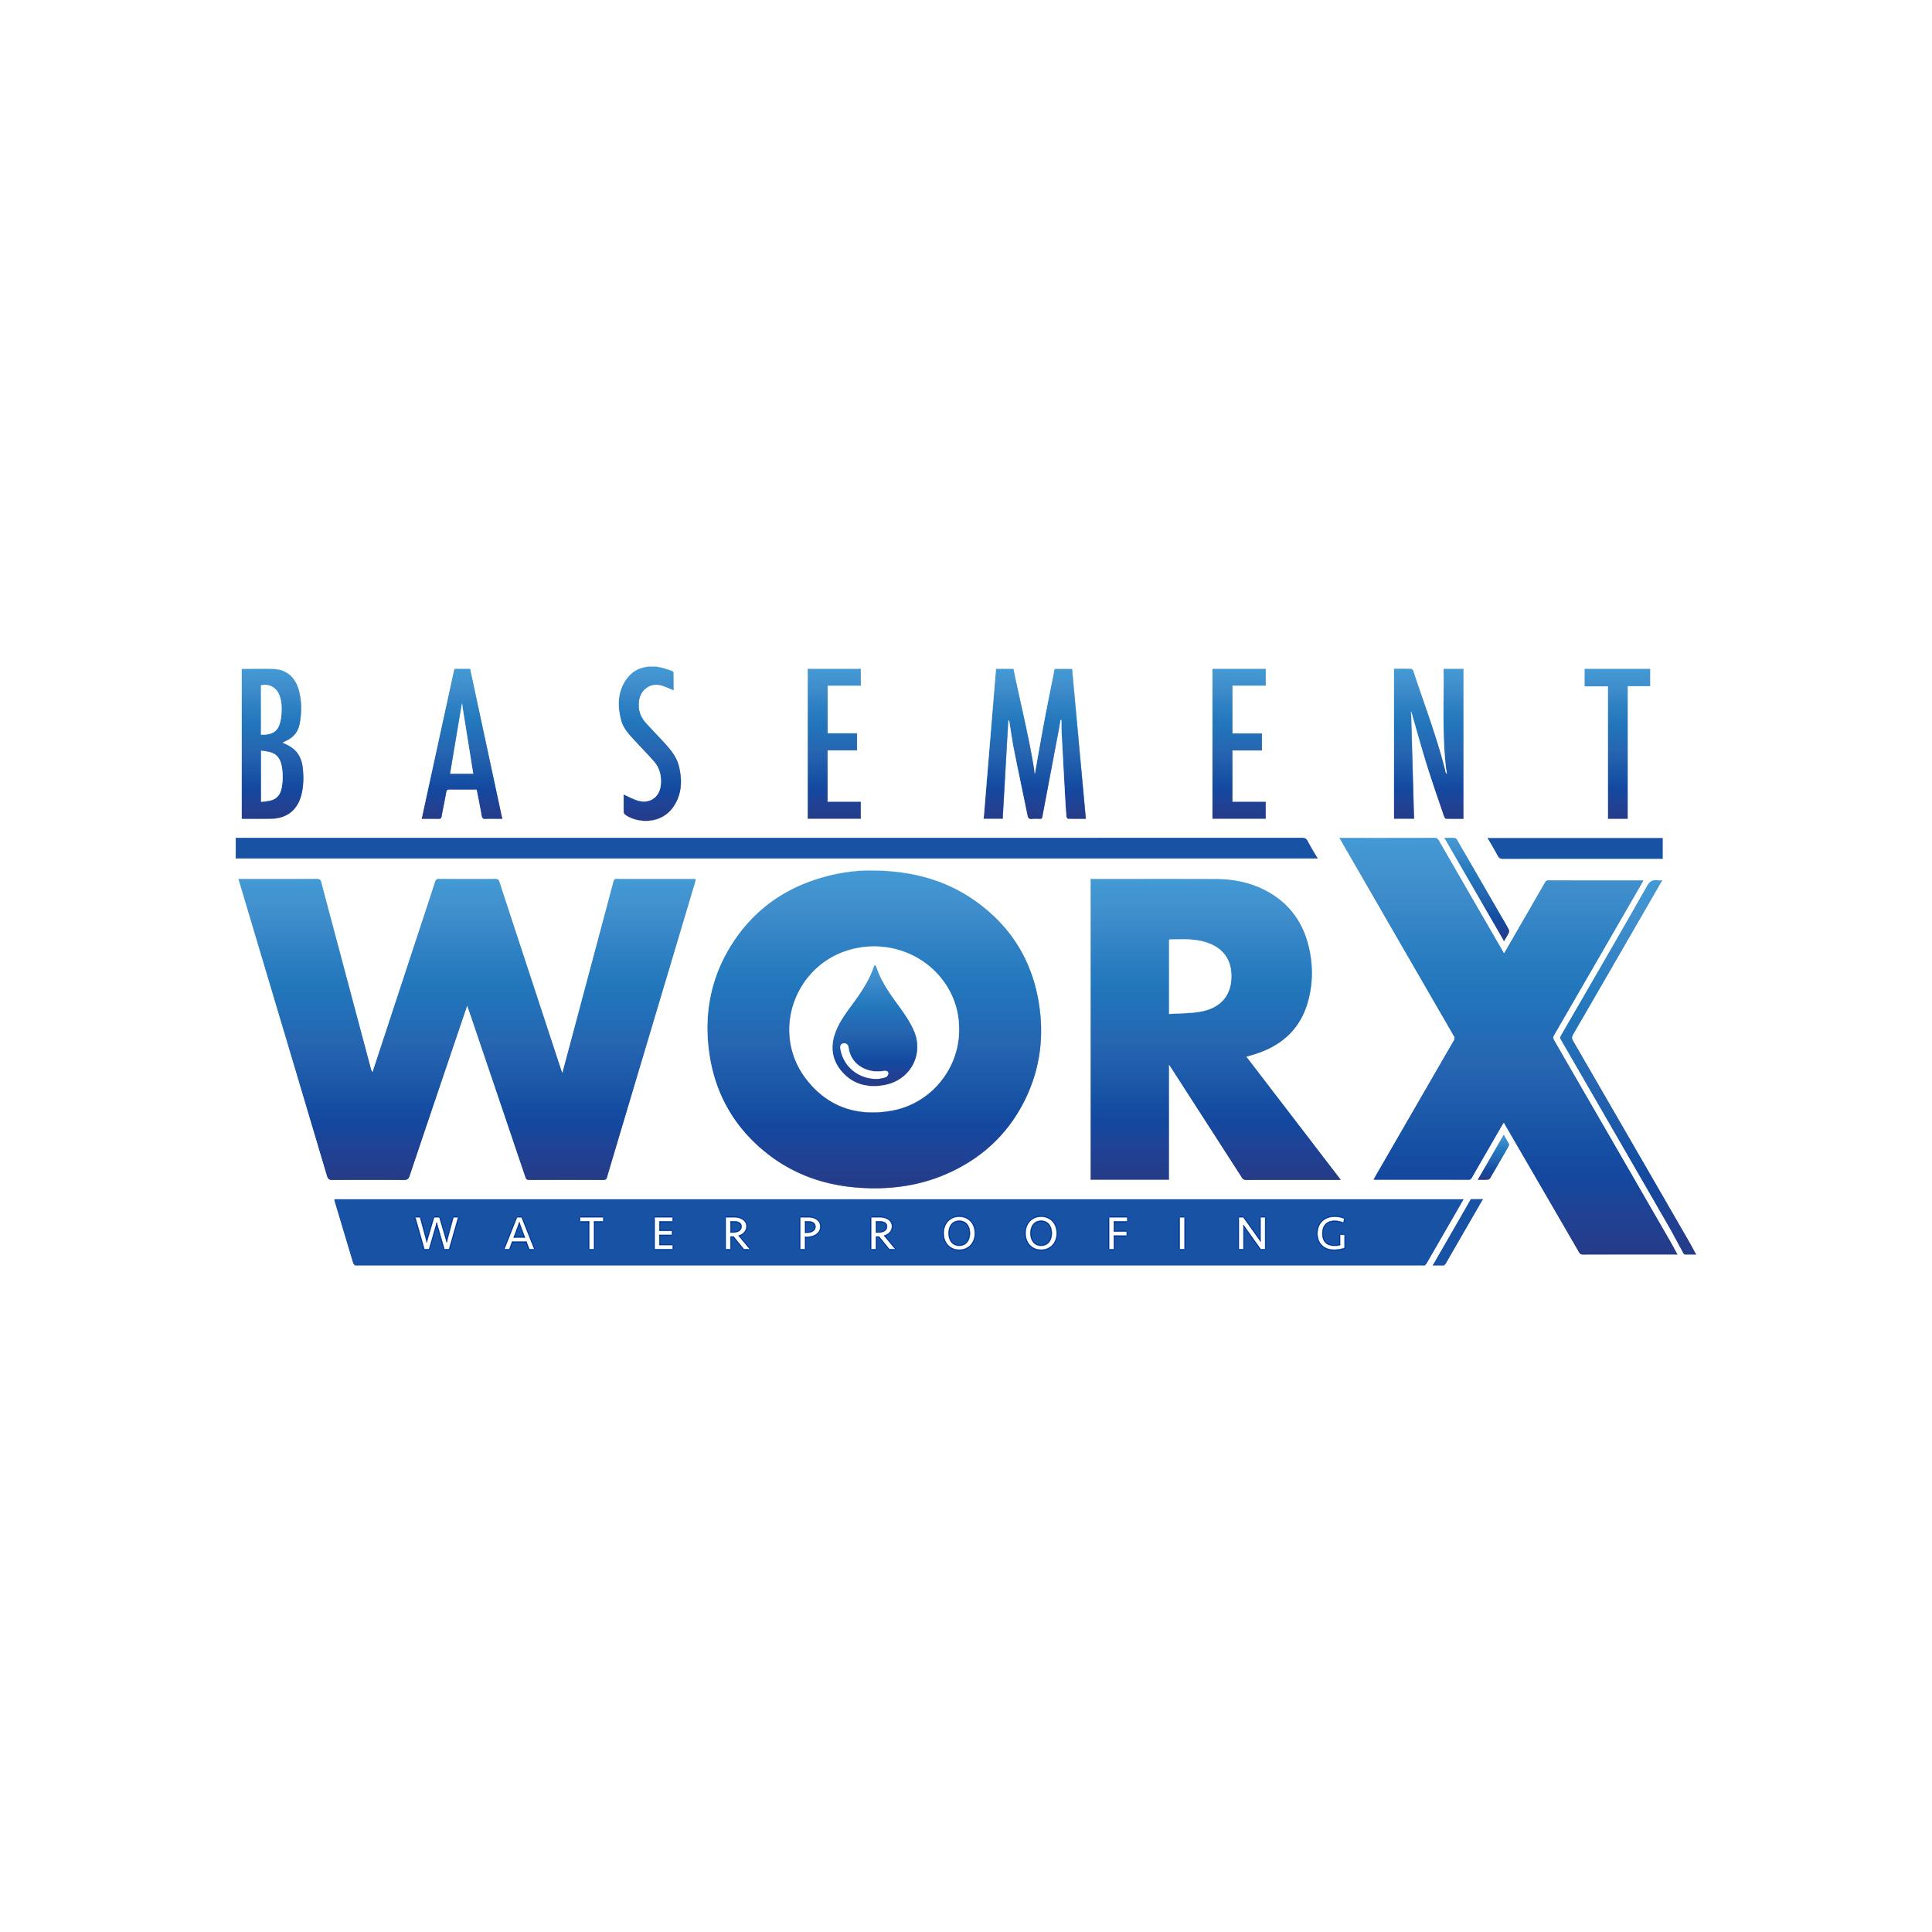 BasementWorx.jpg